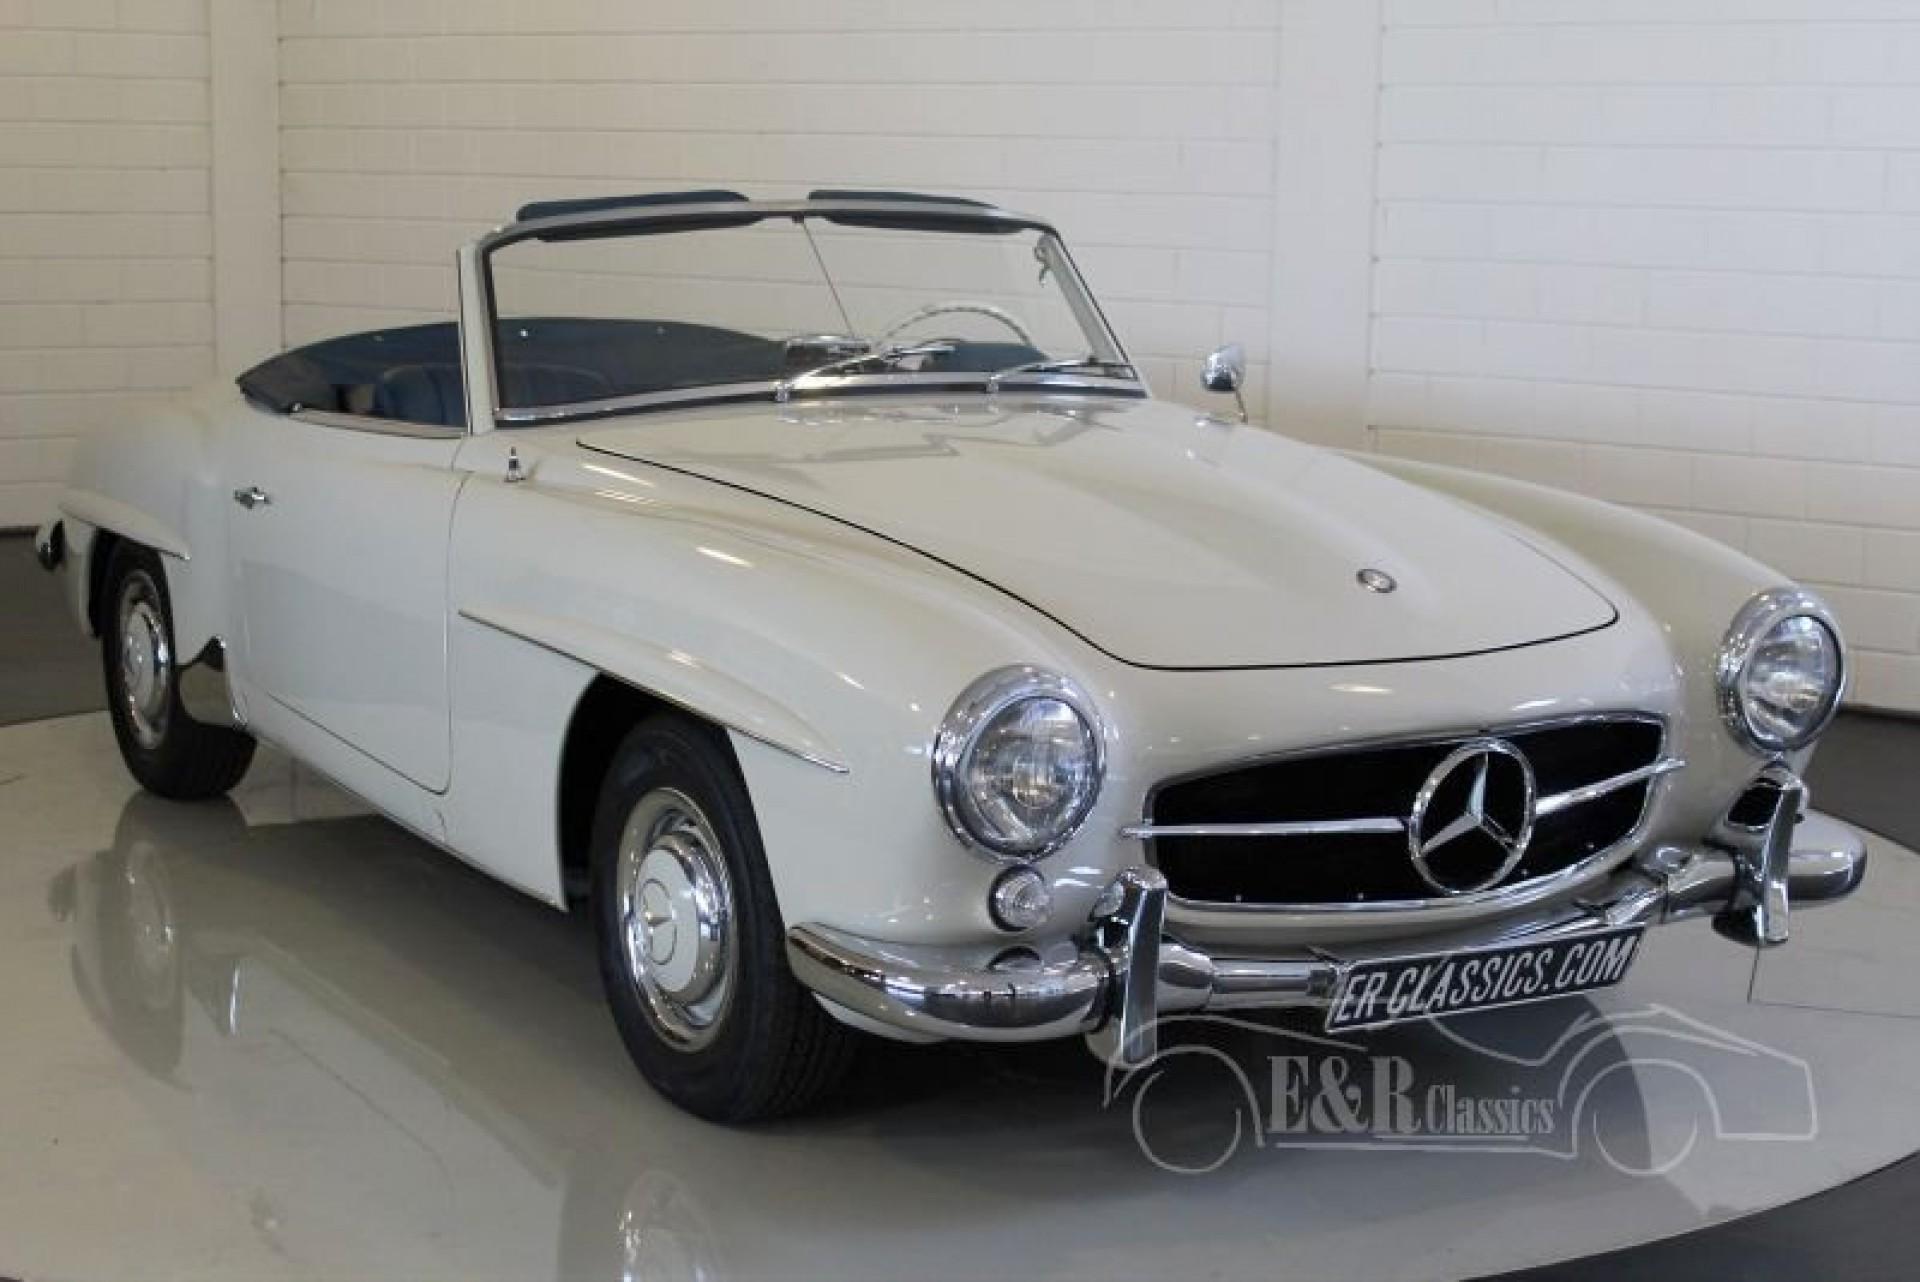 Mercedes benz 190sl cabriolet 1960 for sale at erclassics for Mercedes benz e350 cabriolet for sale